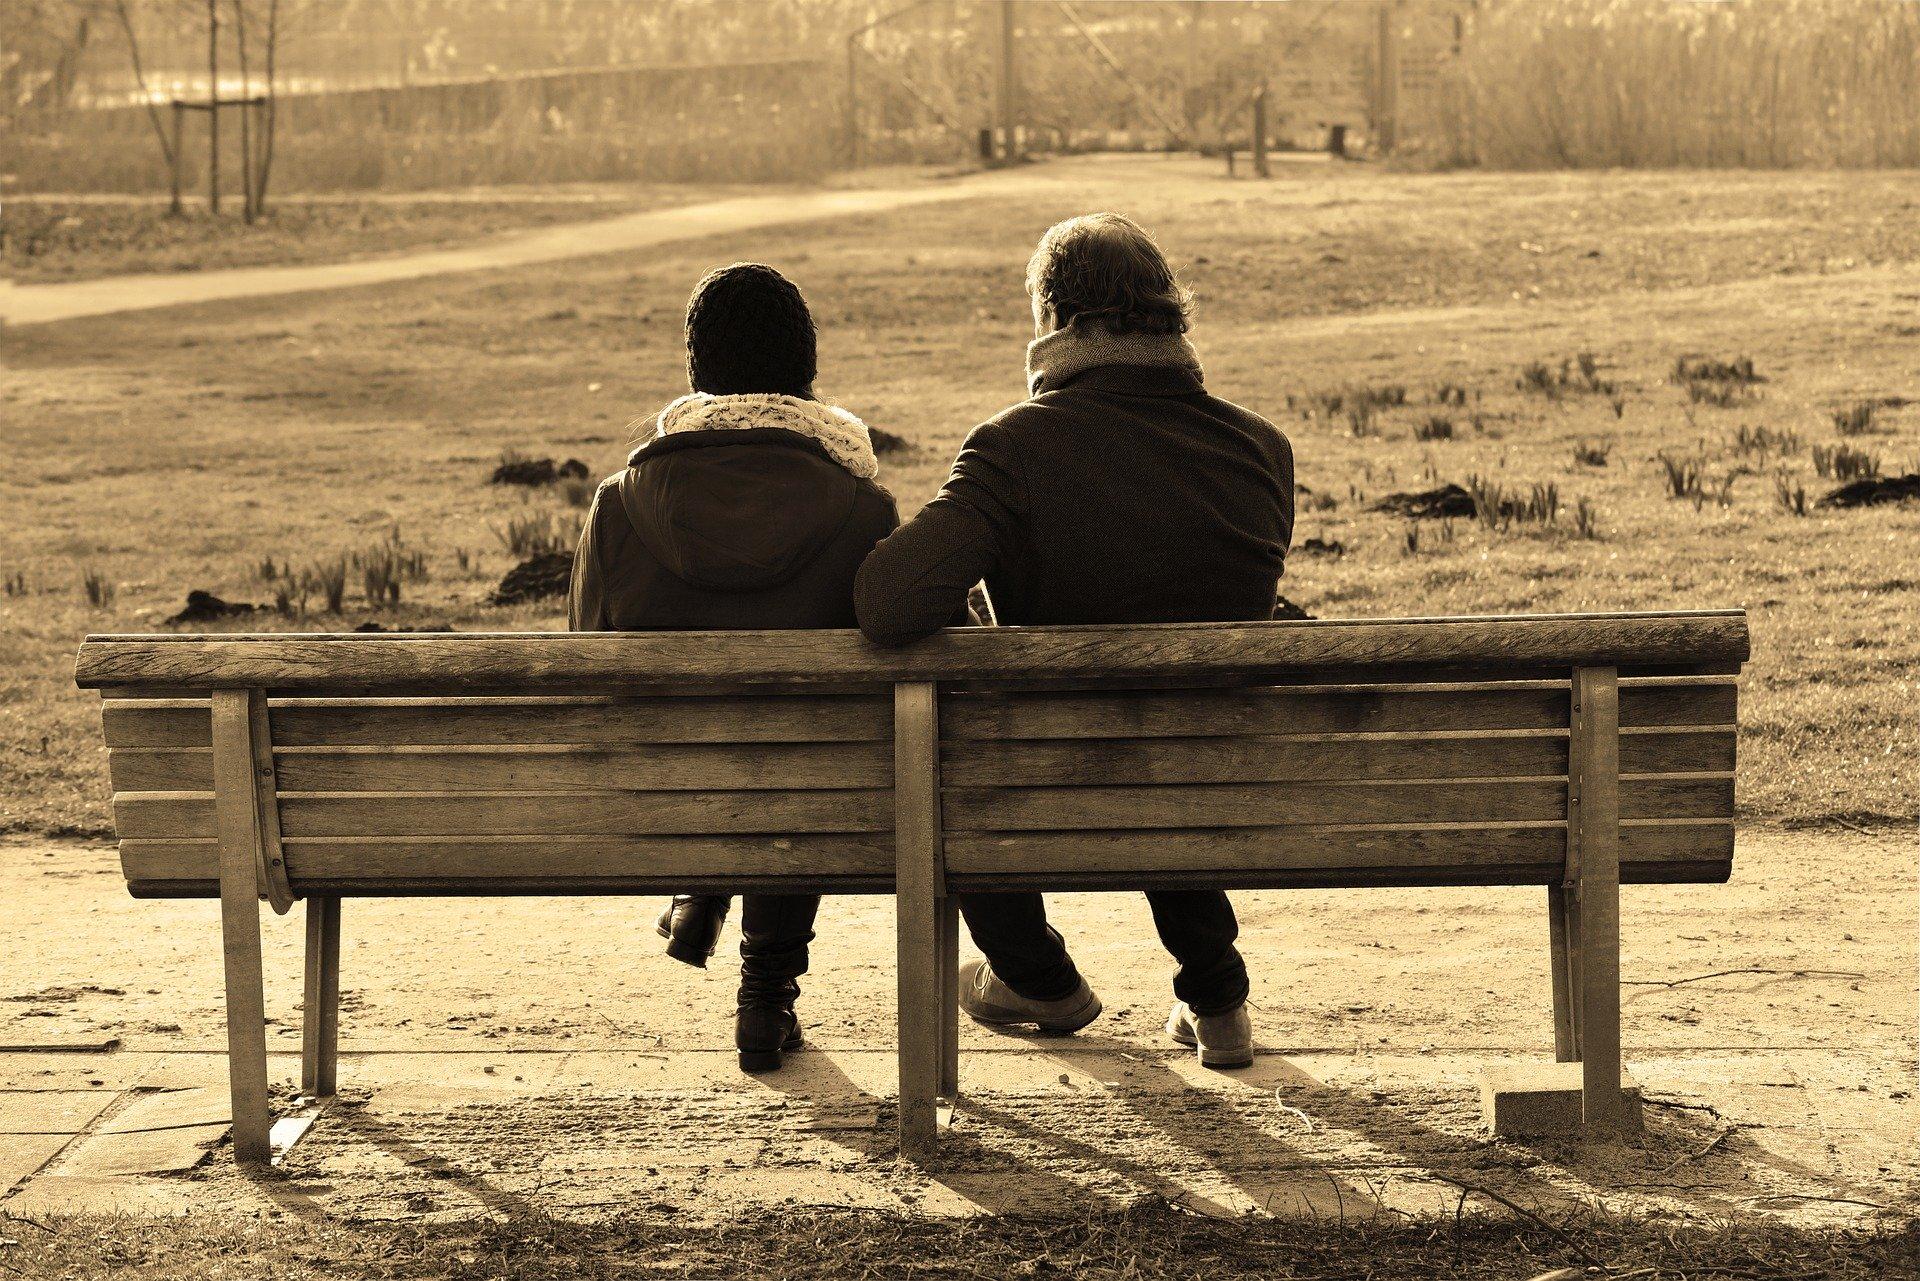 「離婚する気はないけど好き」と伝えてくる既婚男性の心理と彼の考えを変え「妻と別れたい」と思わせる方法